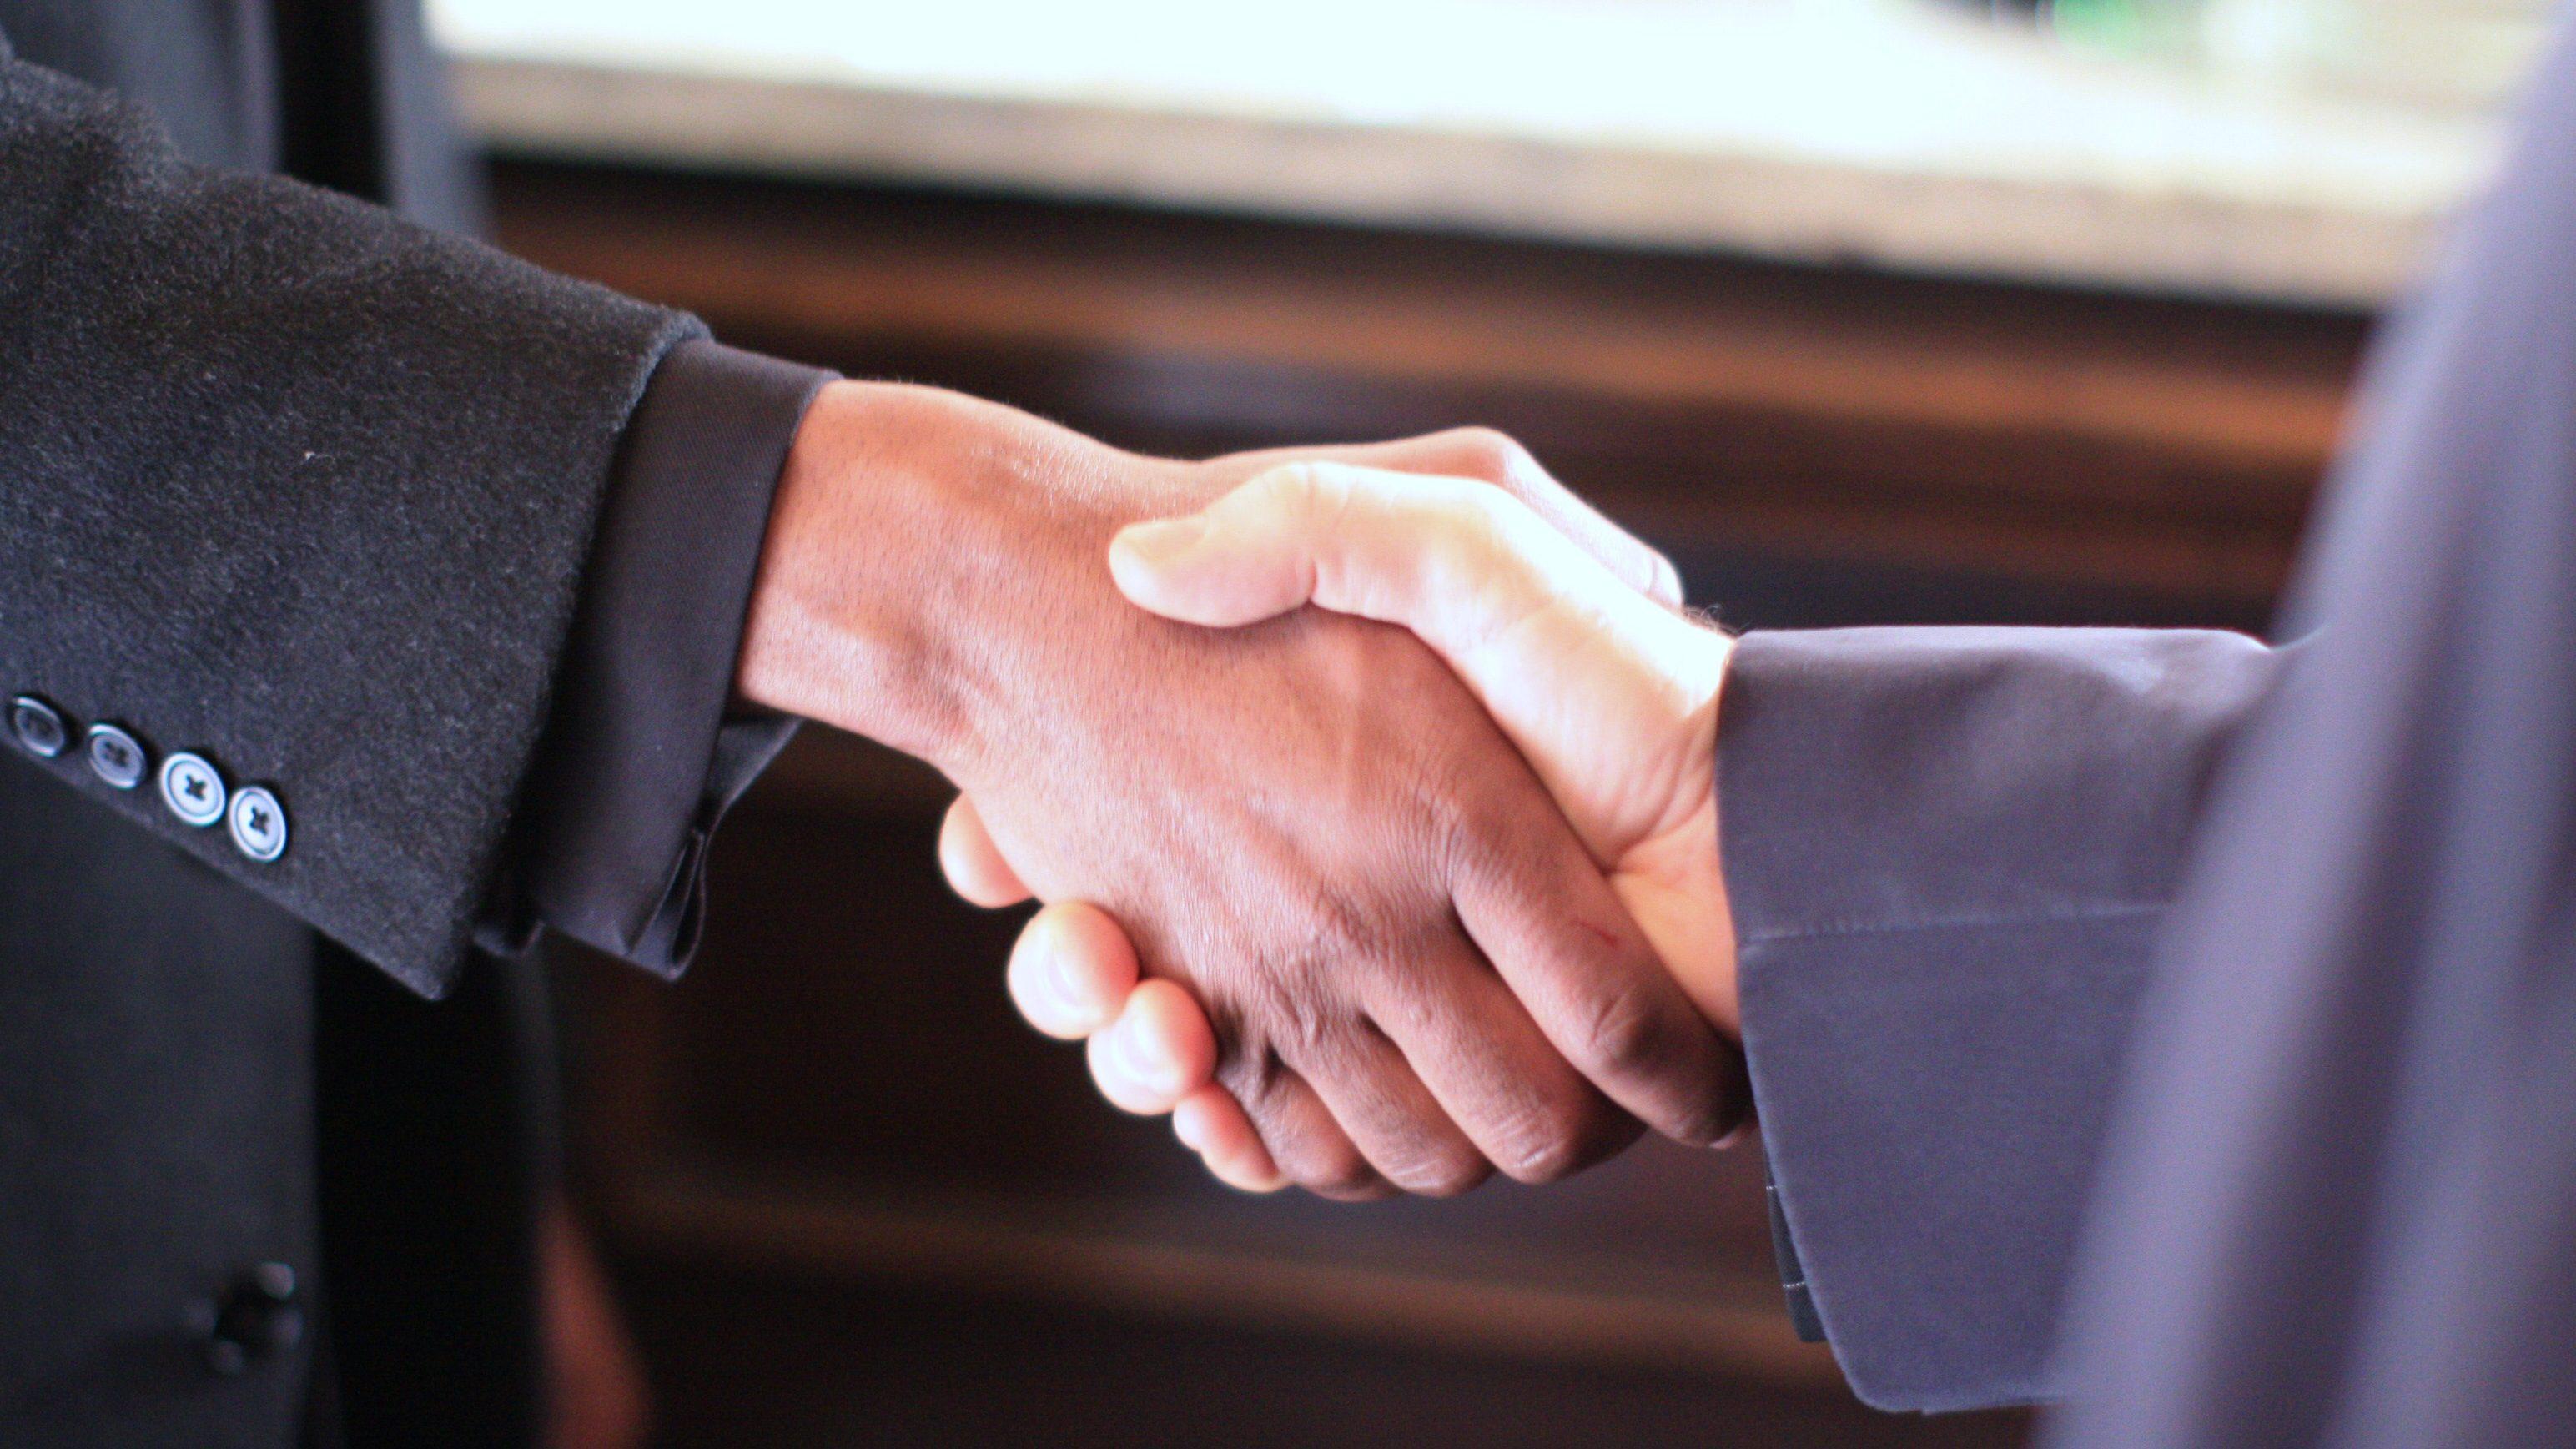 """משה תמיר, מנכ""""ל ובעלים של Axell: חברת הביטוח תקים תשתית טכנולוגיה, הסוכן יביא את האנושיות"""